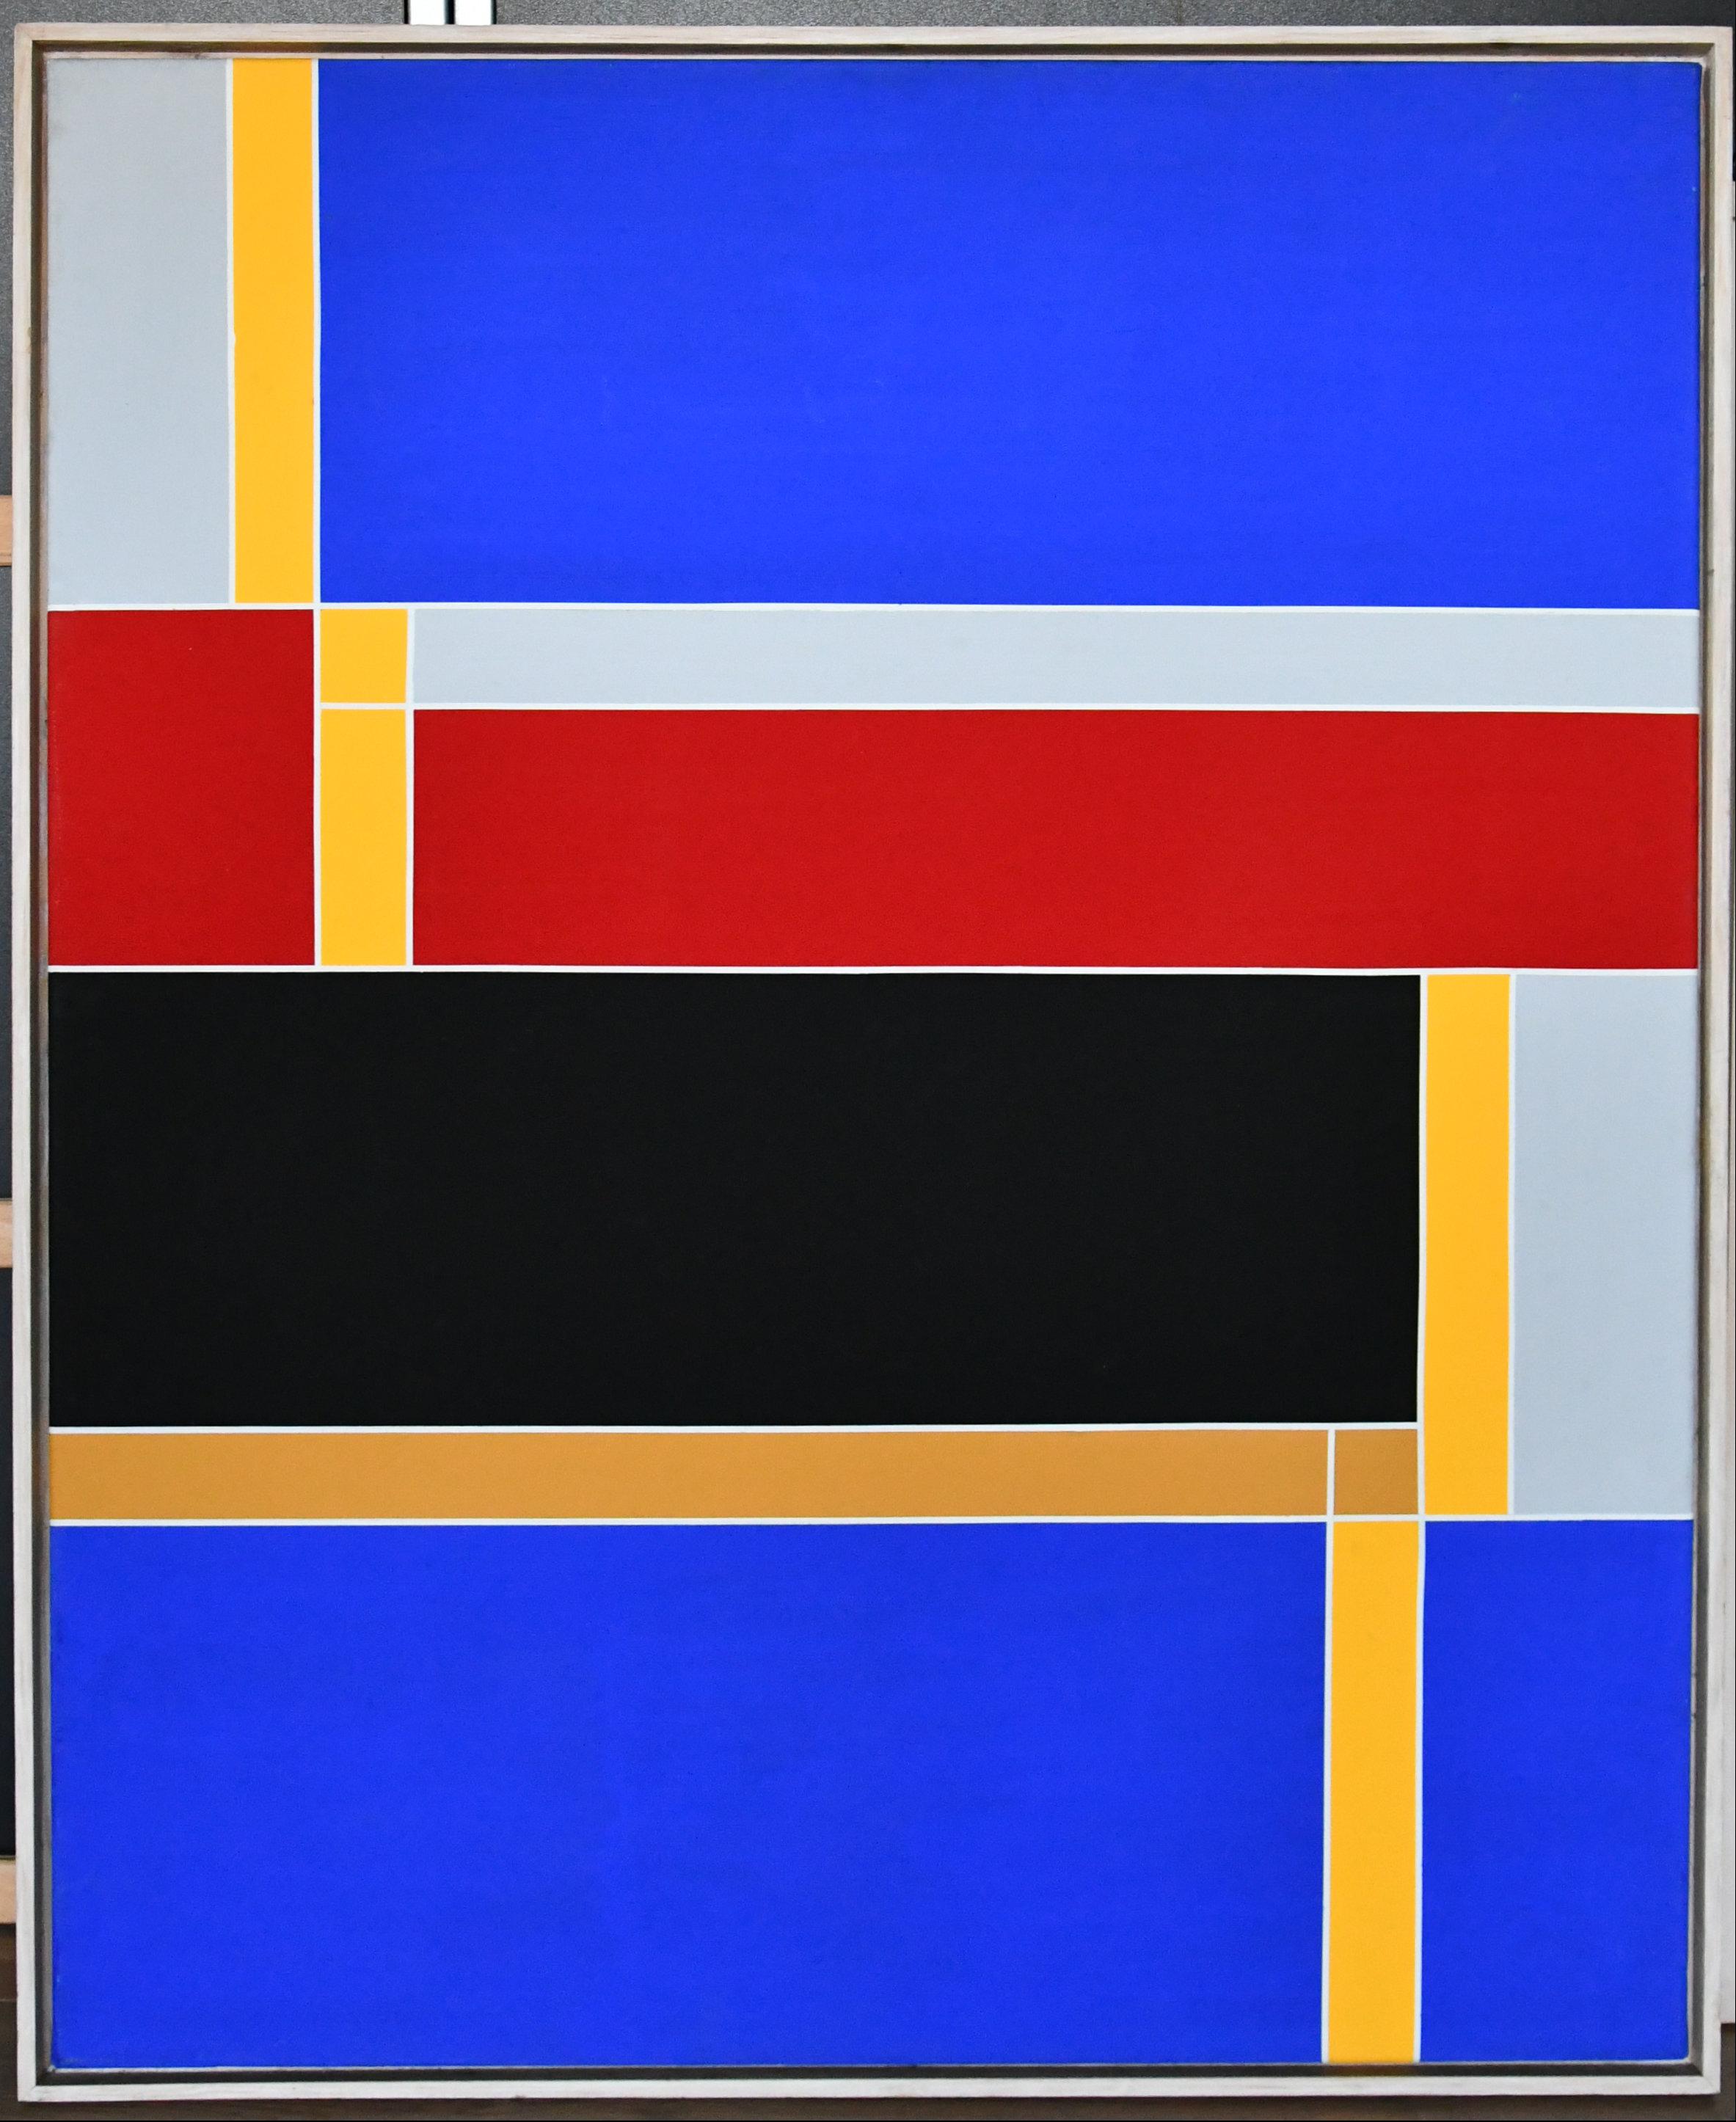 siep-schilderij-a-3876215273-1577542154403.jpg